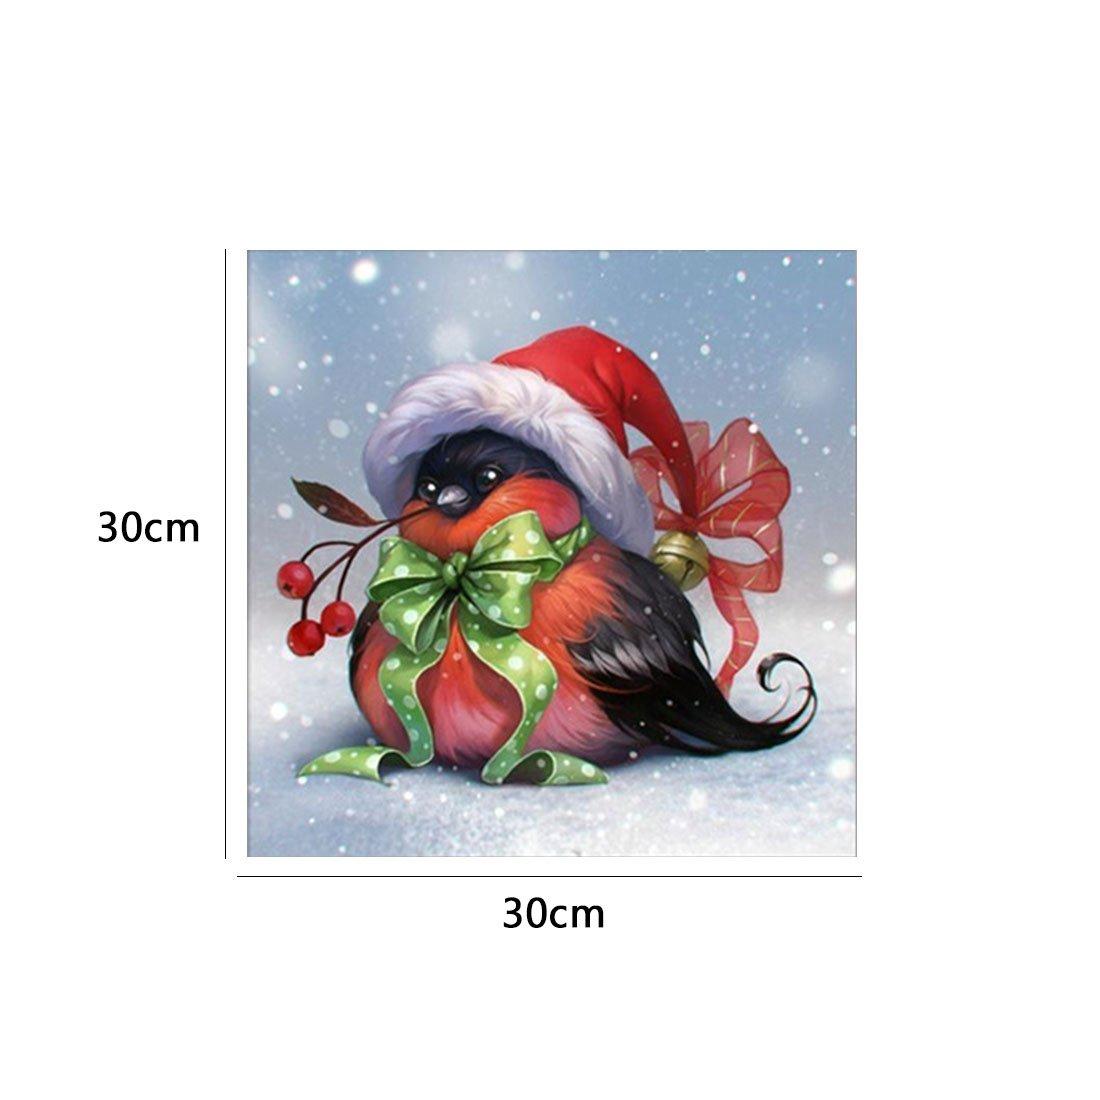 joyliveCY 5D DIY Diamant Malerei Weihnachten Vogel Stickerei Strass ...